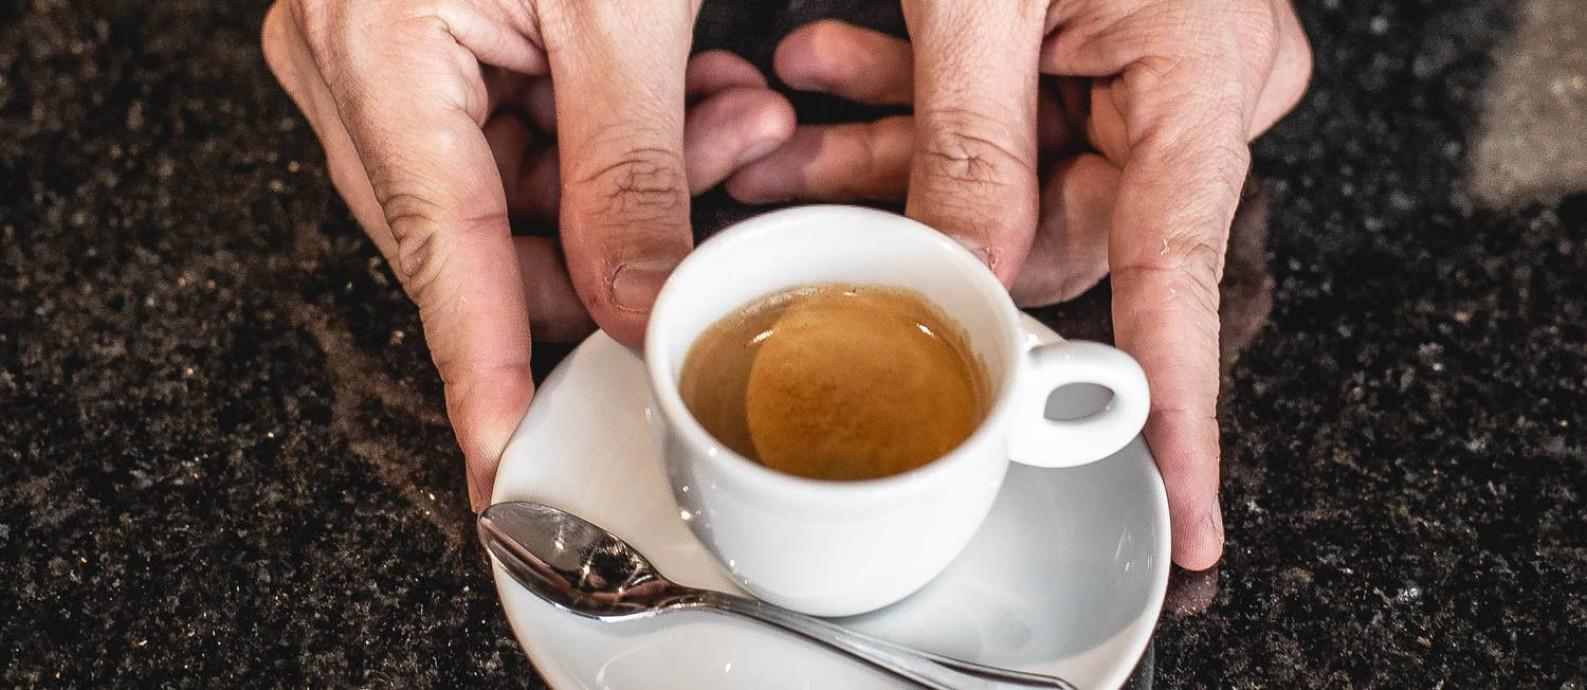 Cafe Ao Leu: grãos de cafés especiais, em Copacabana, sob o comando do barista Leo Gonçalves Foto: Divulgação/Roma Miranda